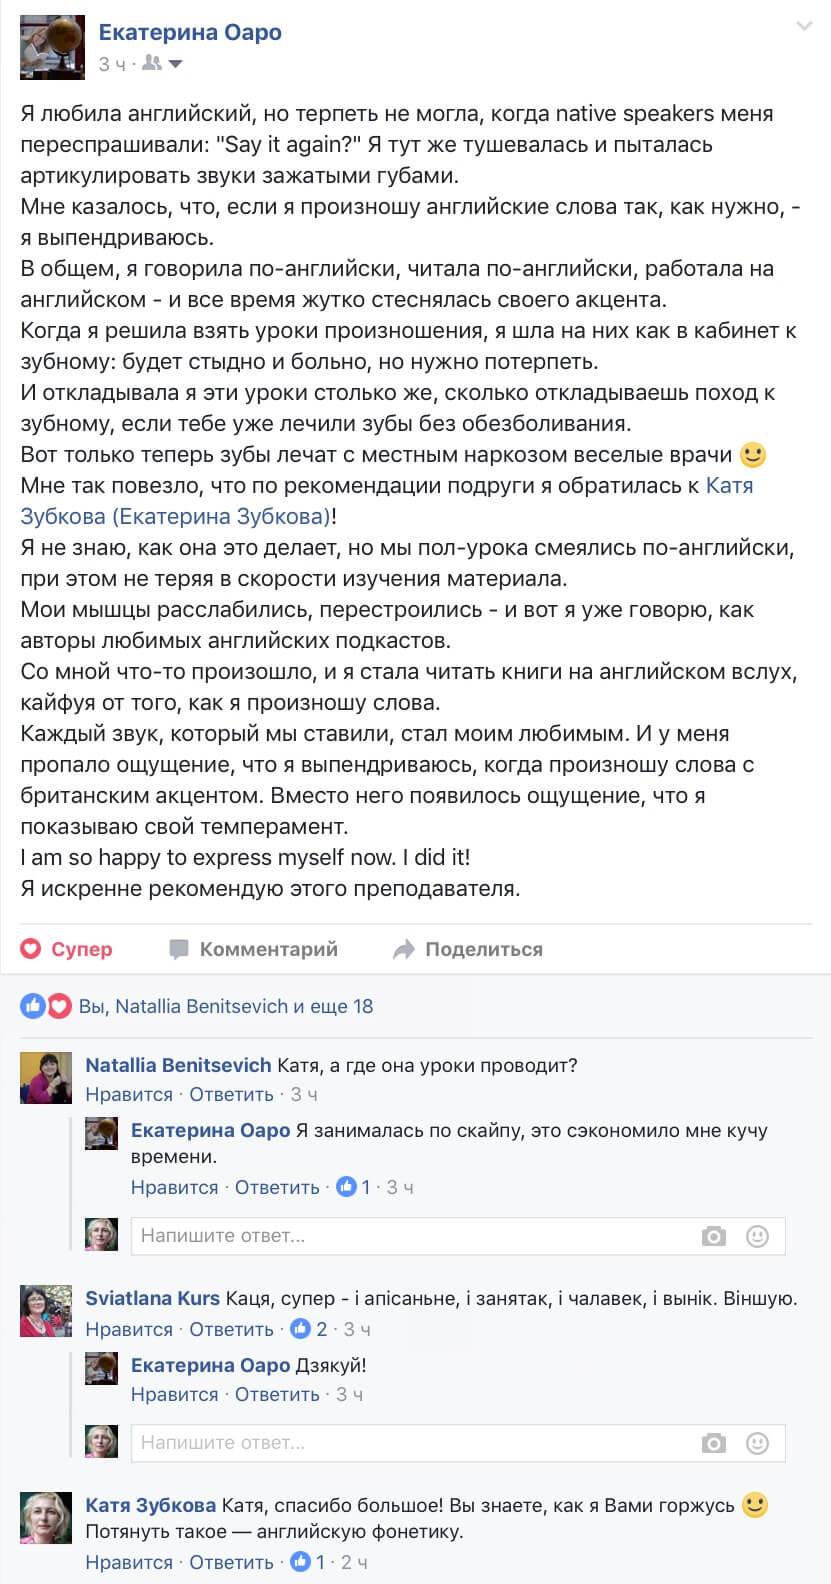 Отзыв на фонетический курс Екатерины Зубковой